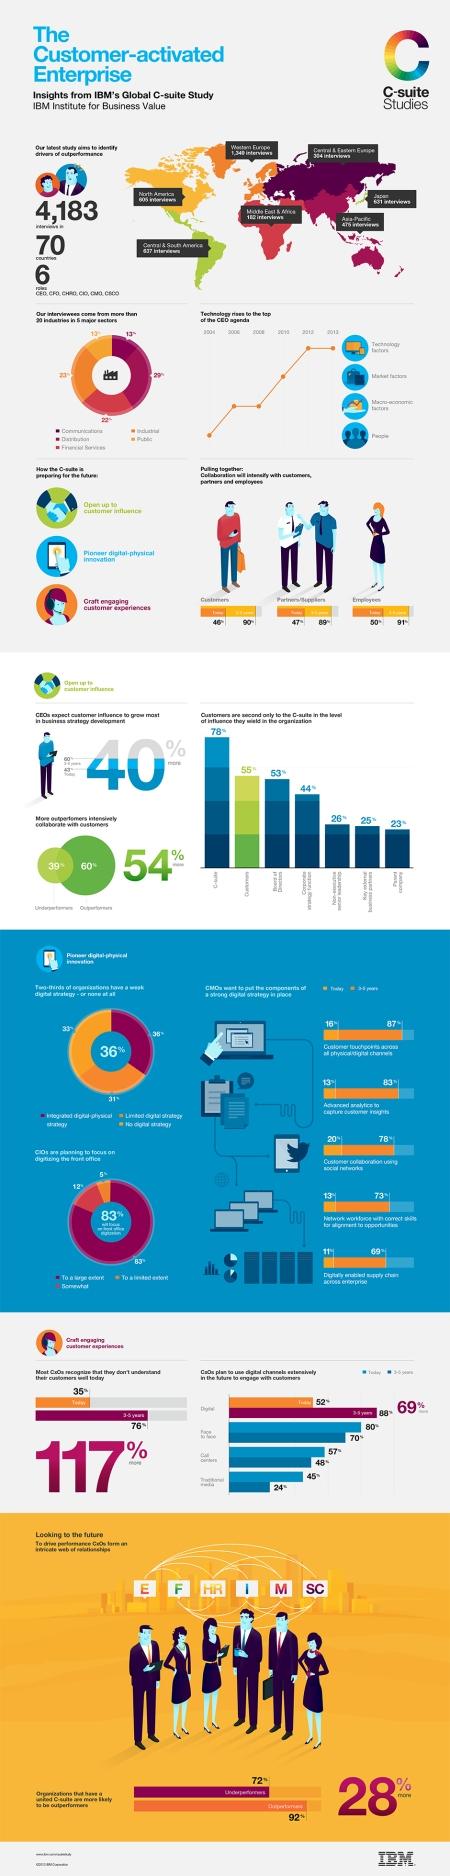 csuitestudy2013_infographic-02